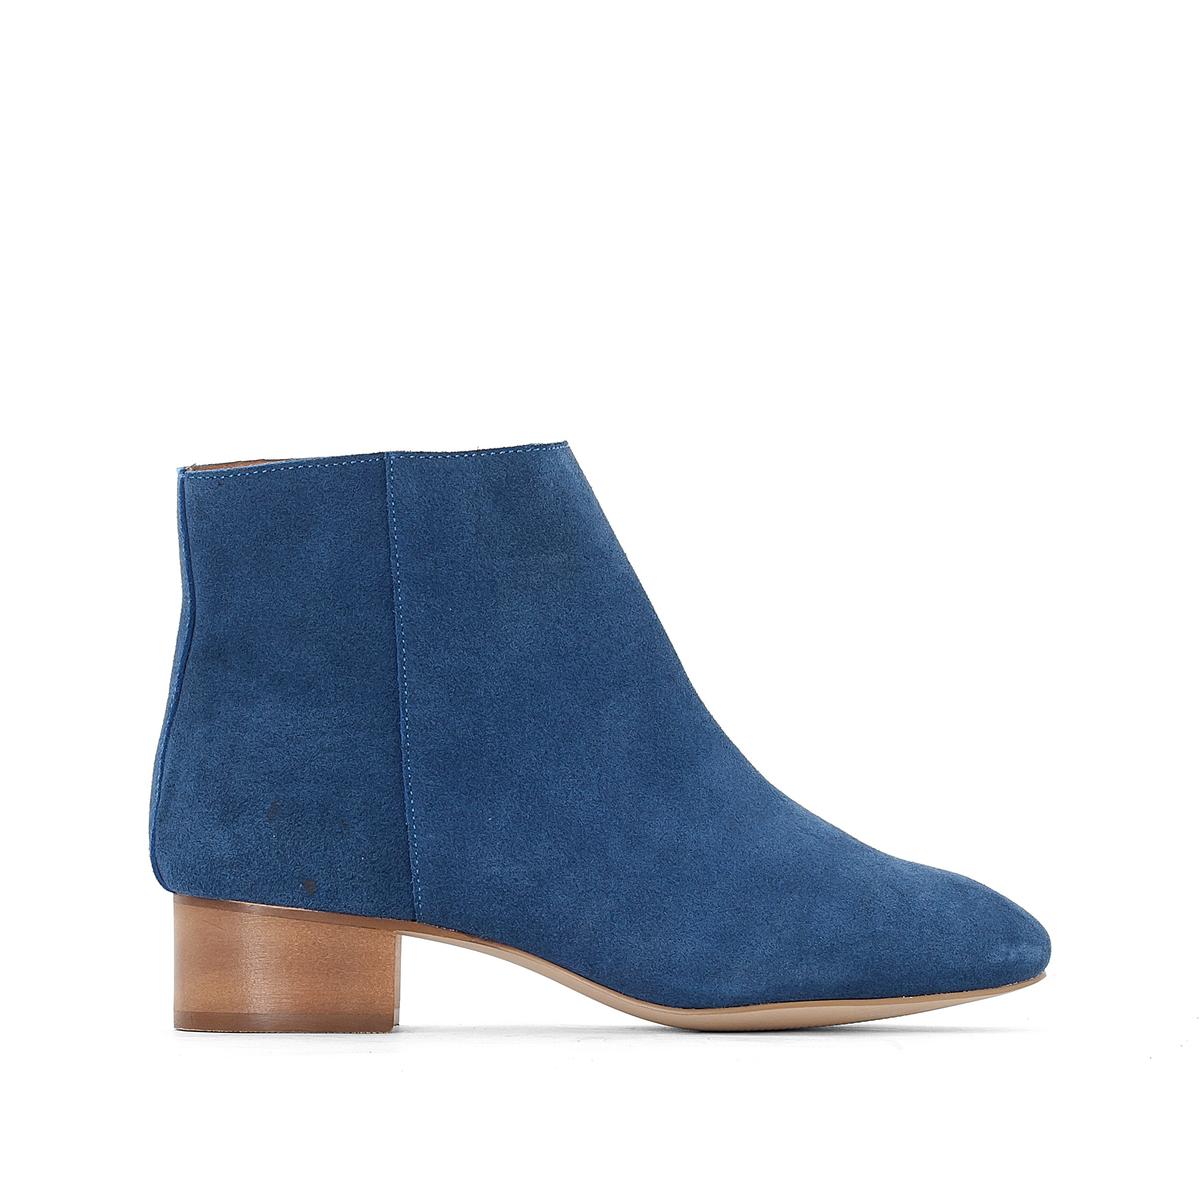 Ботильоны кожаные на среднем каблукеОписание:Детали  •  Высота голенища : 11 см для размера 37 •  Высота каблука : 4 см •  Застежка : на молнию •  Круглый мысок •  Гладкая отделкаСостав и уход  •  Верх 100% кожа •  Подкладка 100% кожа<br><br>Цвет: синий<br>Размер: 39.38